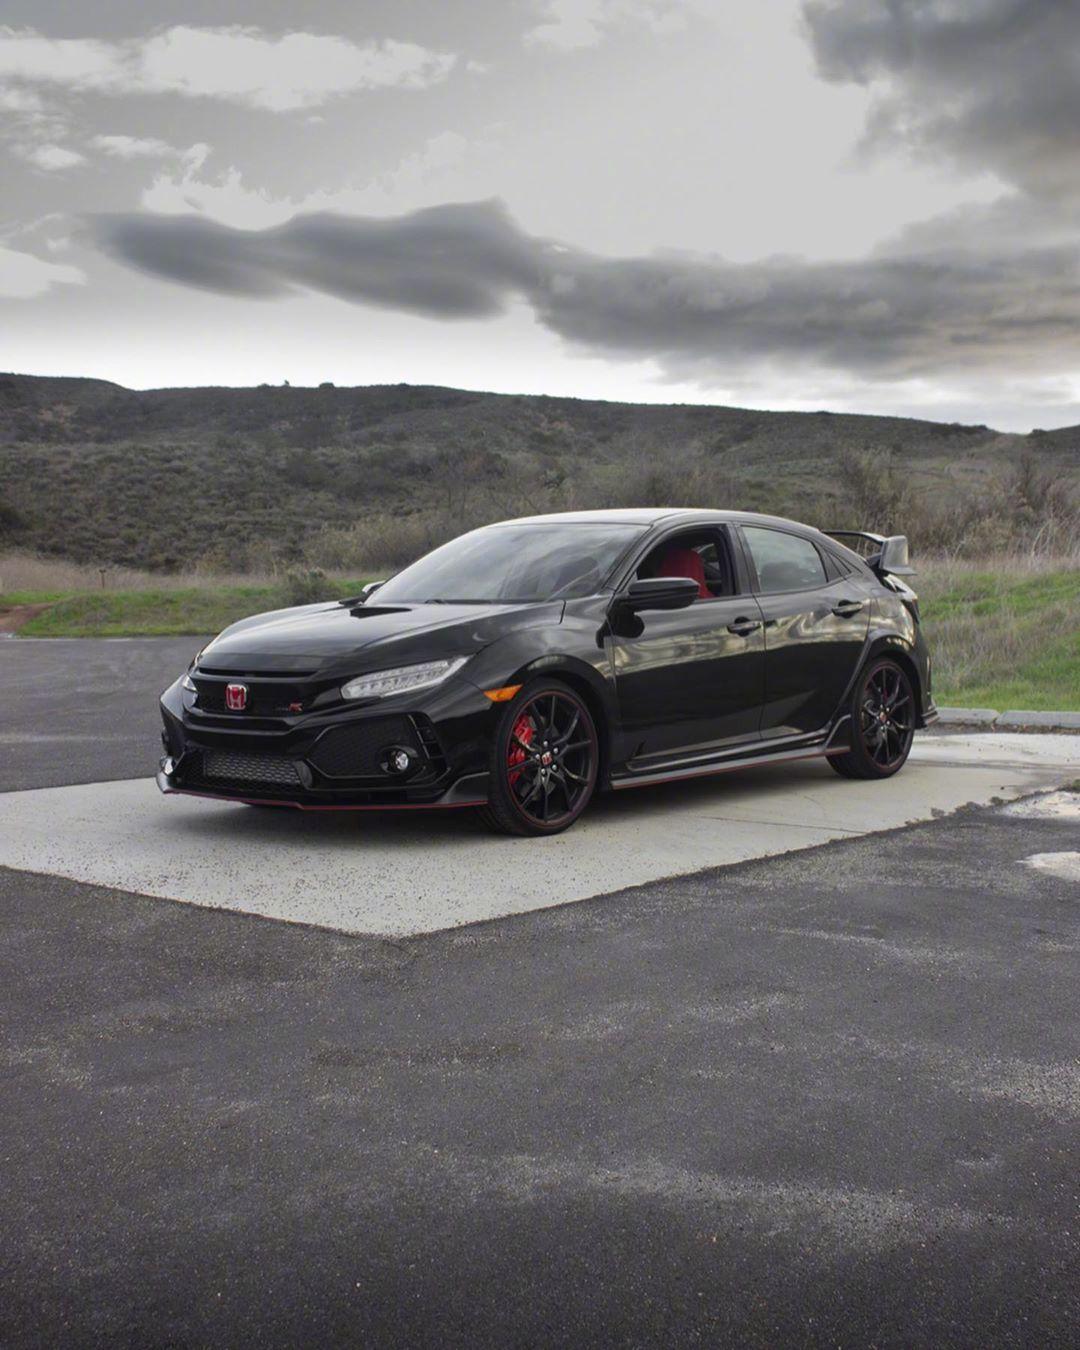 本田Honda Civic Type R,在你心中它是一辆怎么样的车呢?